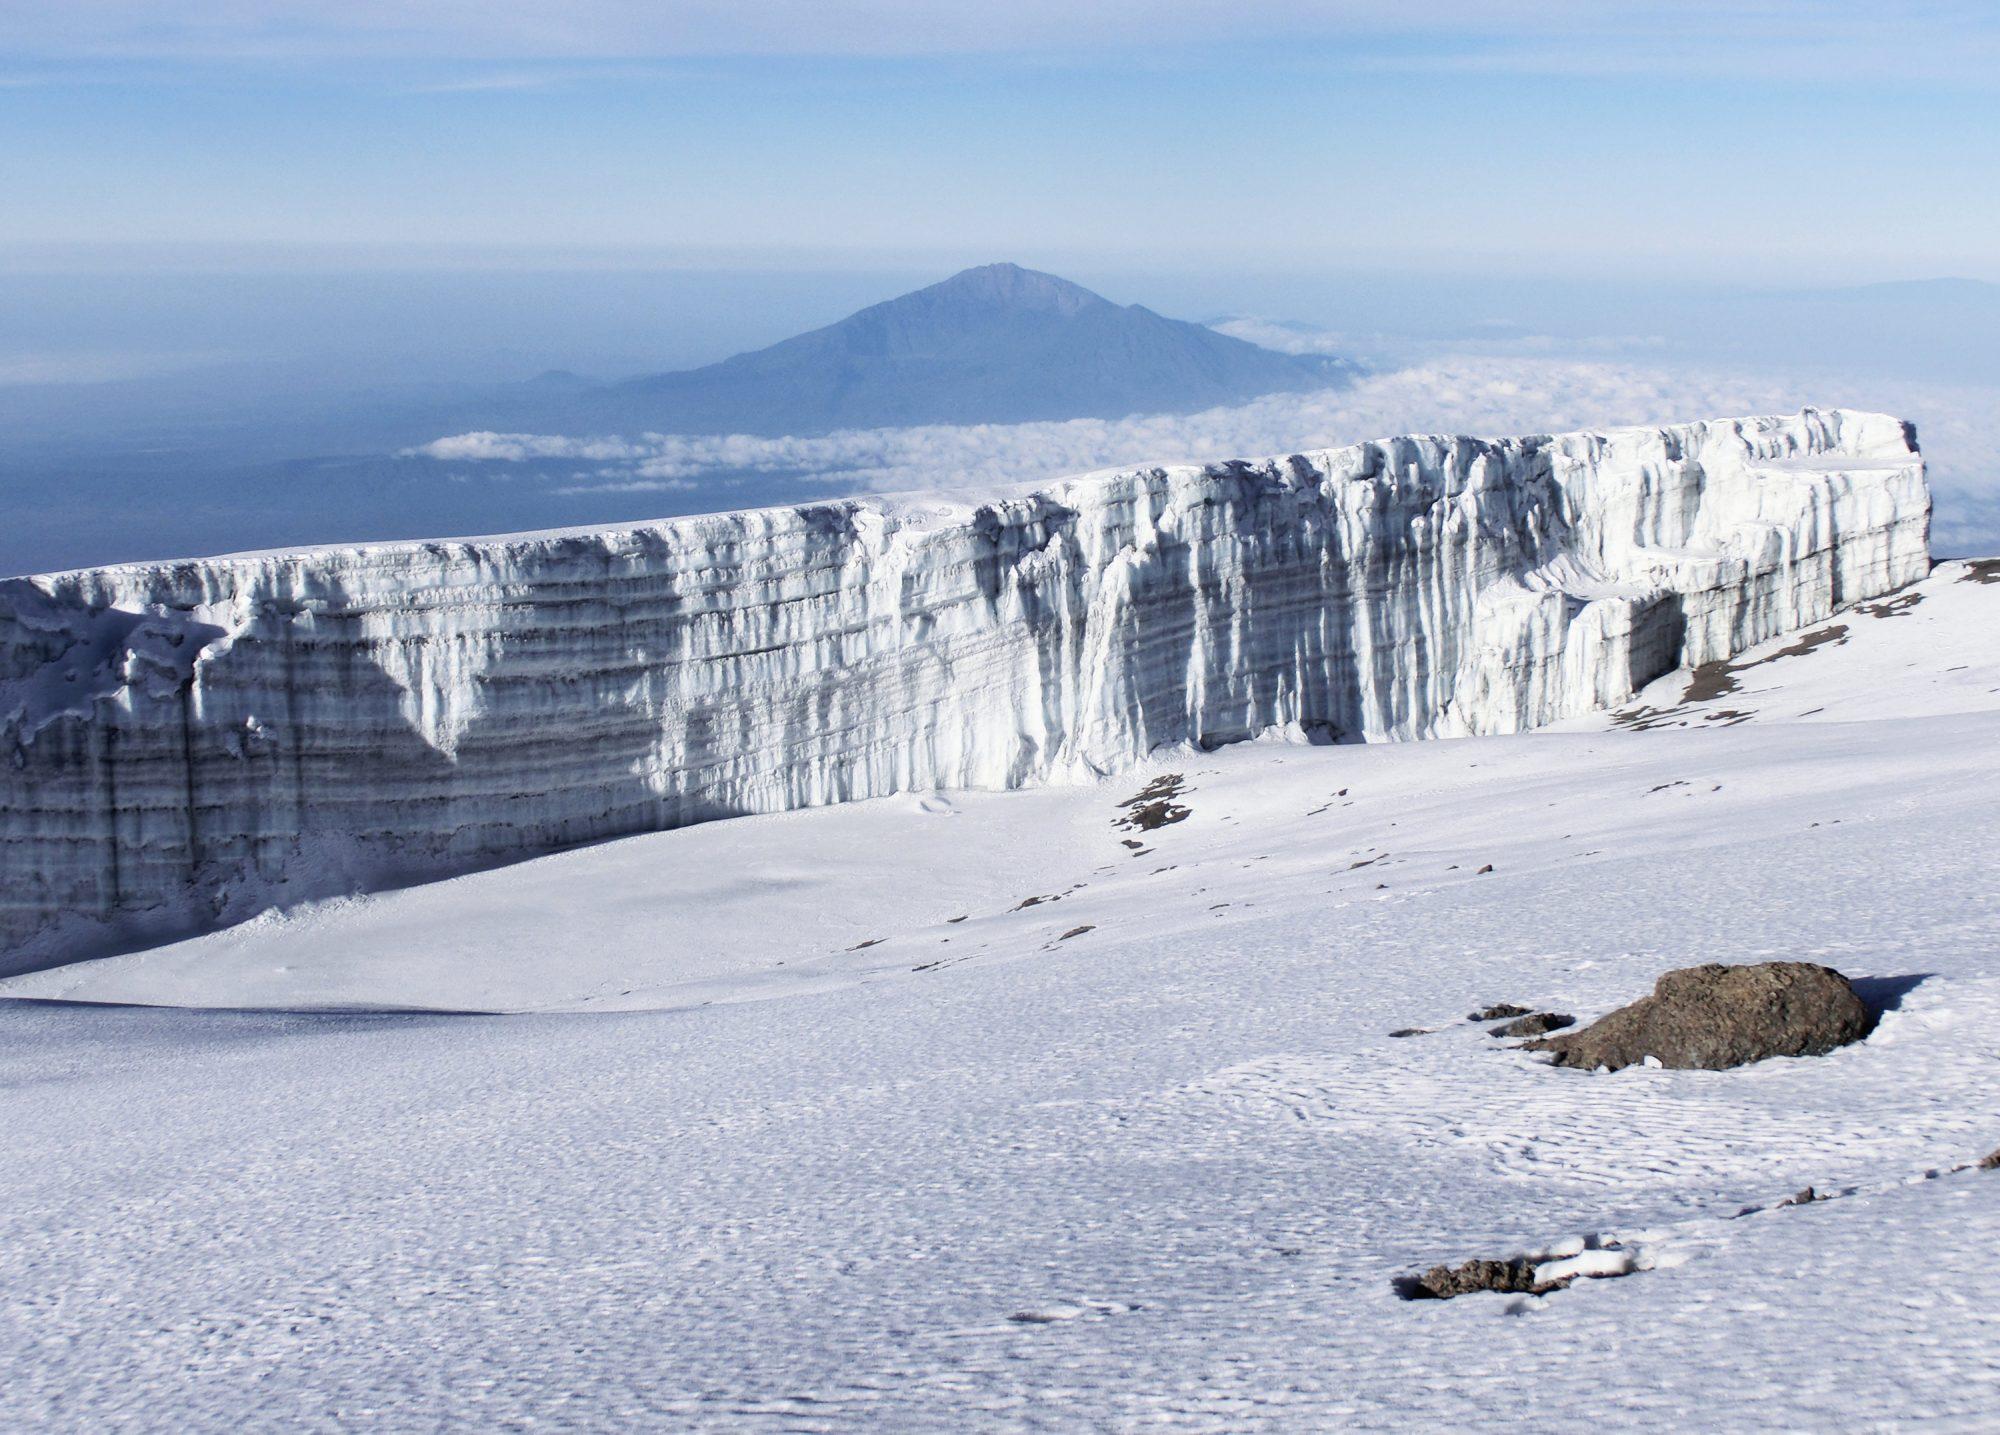 Gletscher und Mount Meru vom Kilimandscharo, Kilimandscharo besteigen, Tansania, Afrika, Kilimandscharo Tour, Erfahrungsbericht, Machame Route